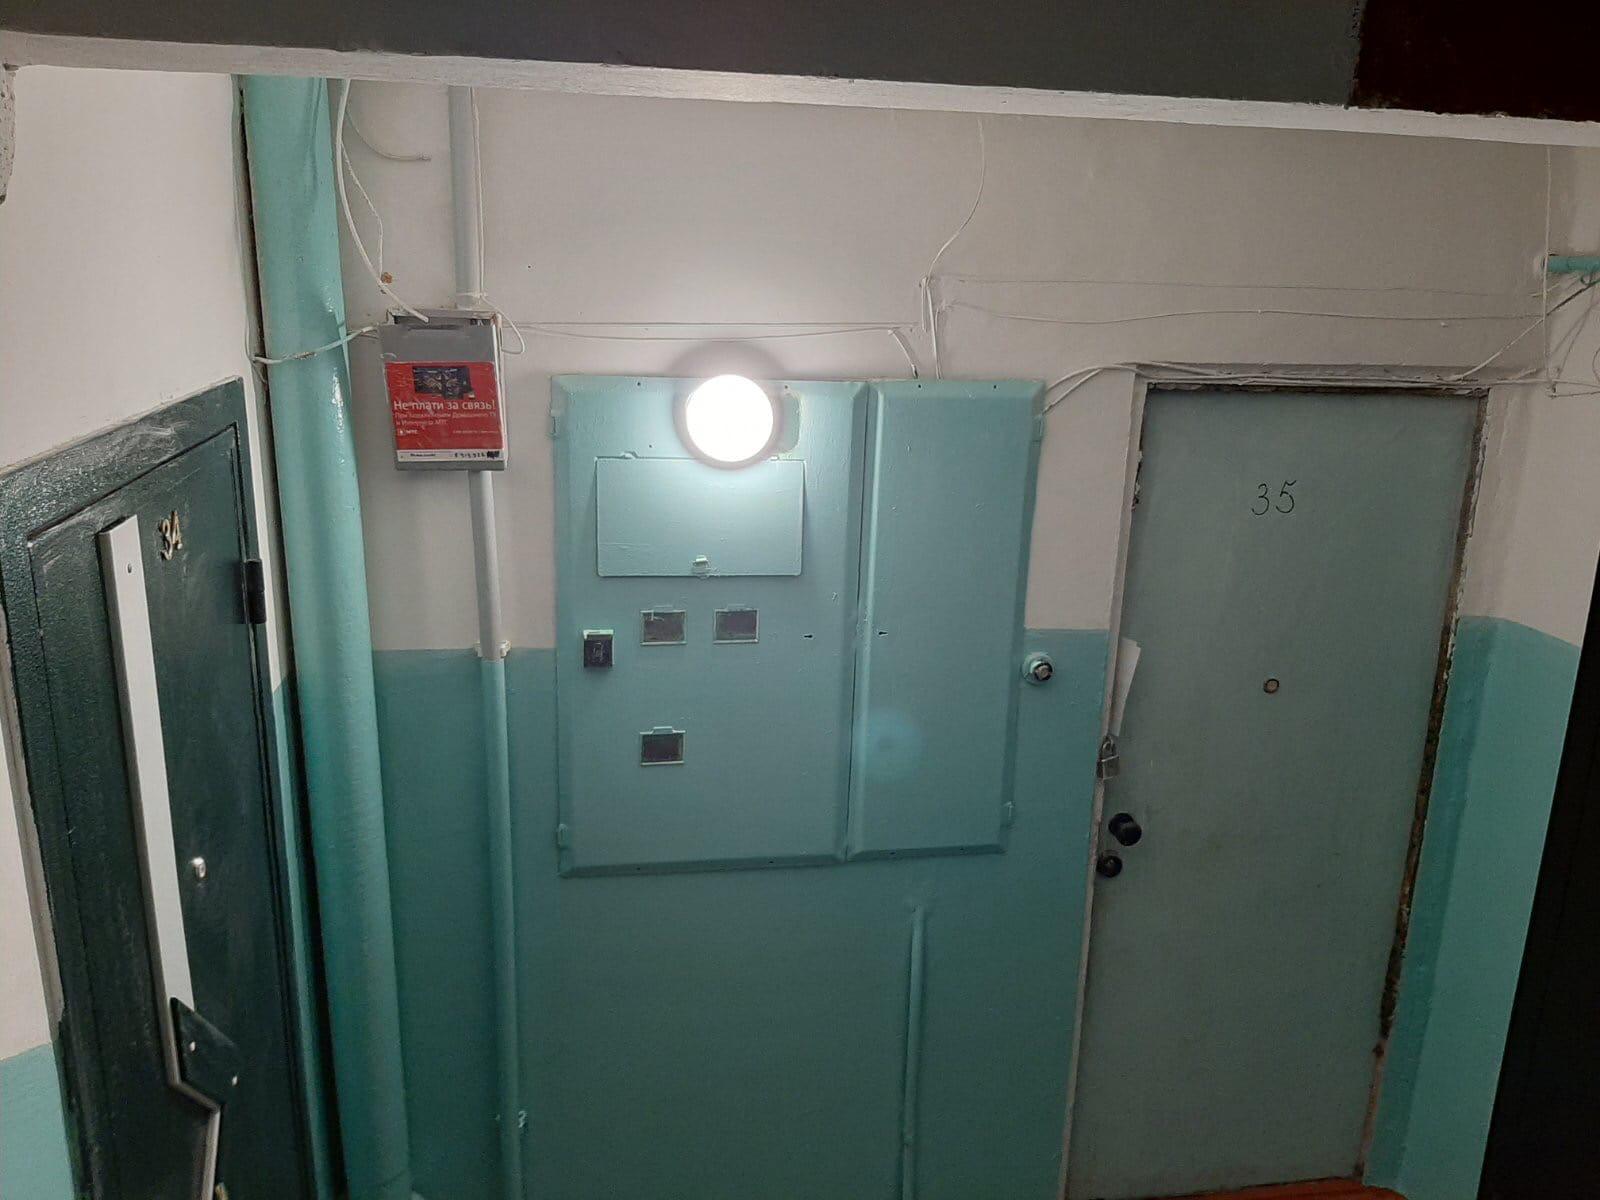 Замена приборов освещения в подъезде 3 Московская